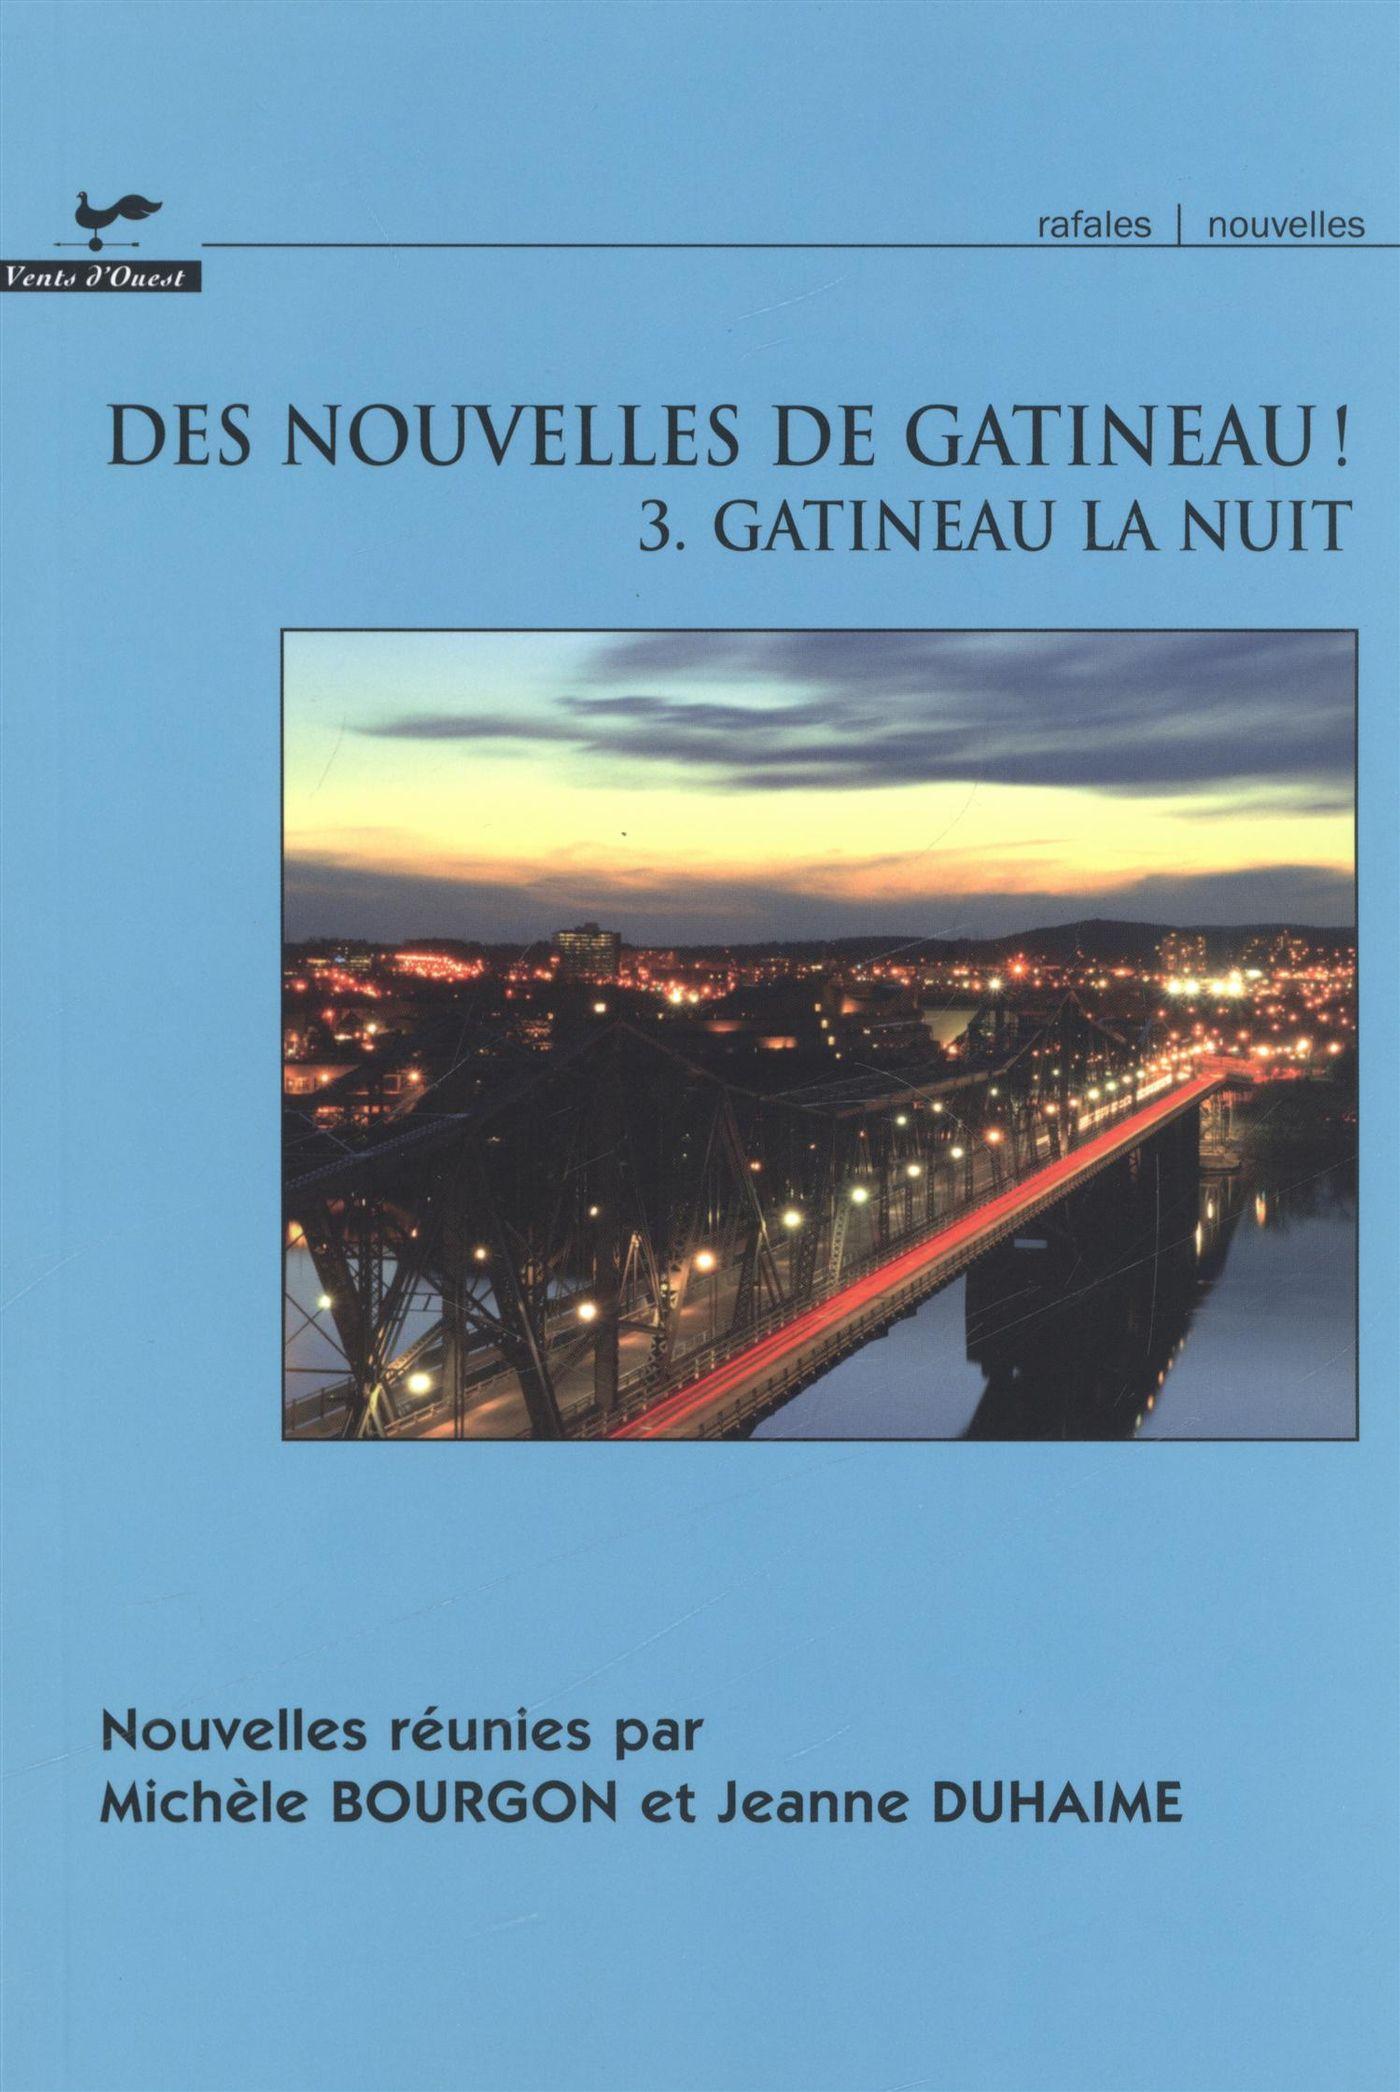 Des nouvelles de Gatineau! 03 : Gatineau la nuit